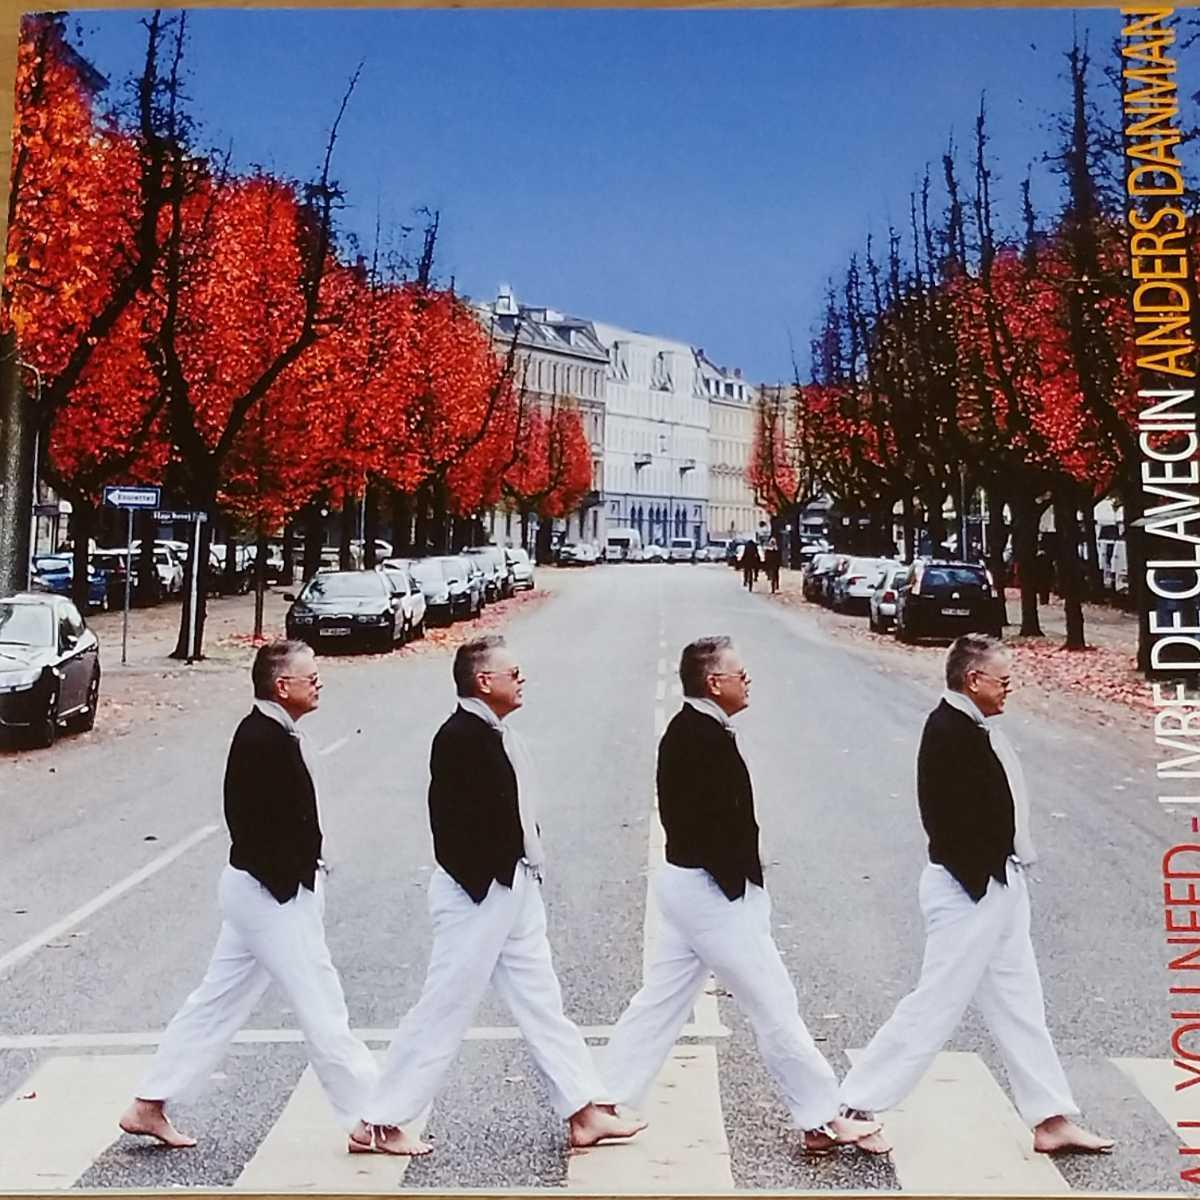 アンデシュ・ダンマン「ビートルズ・オール・ユー・ニード - クラヴサン組曲」 (ALL YOU NEED - LIVRE DE CLAVECIN) ビートルズ Beatles